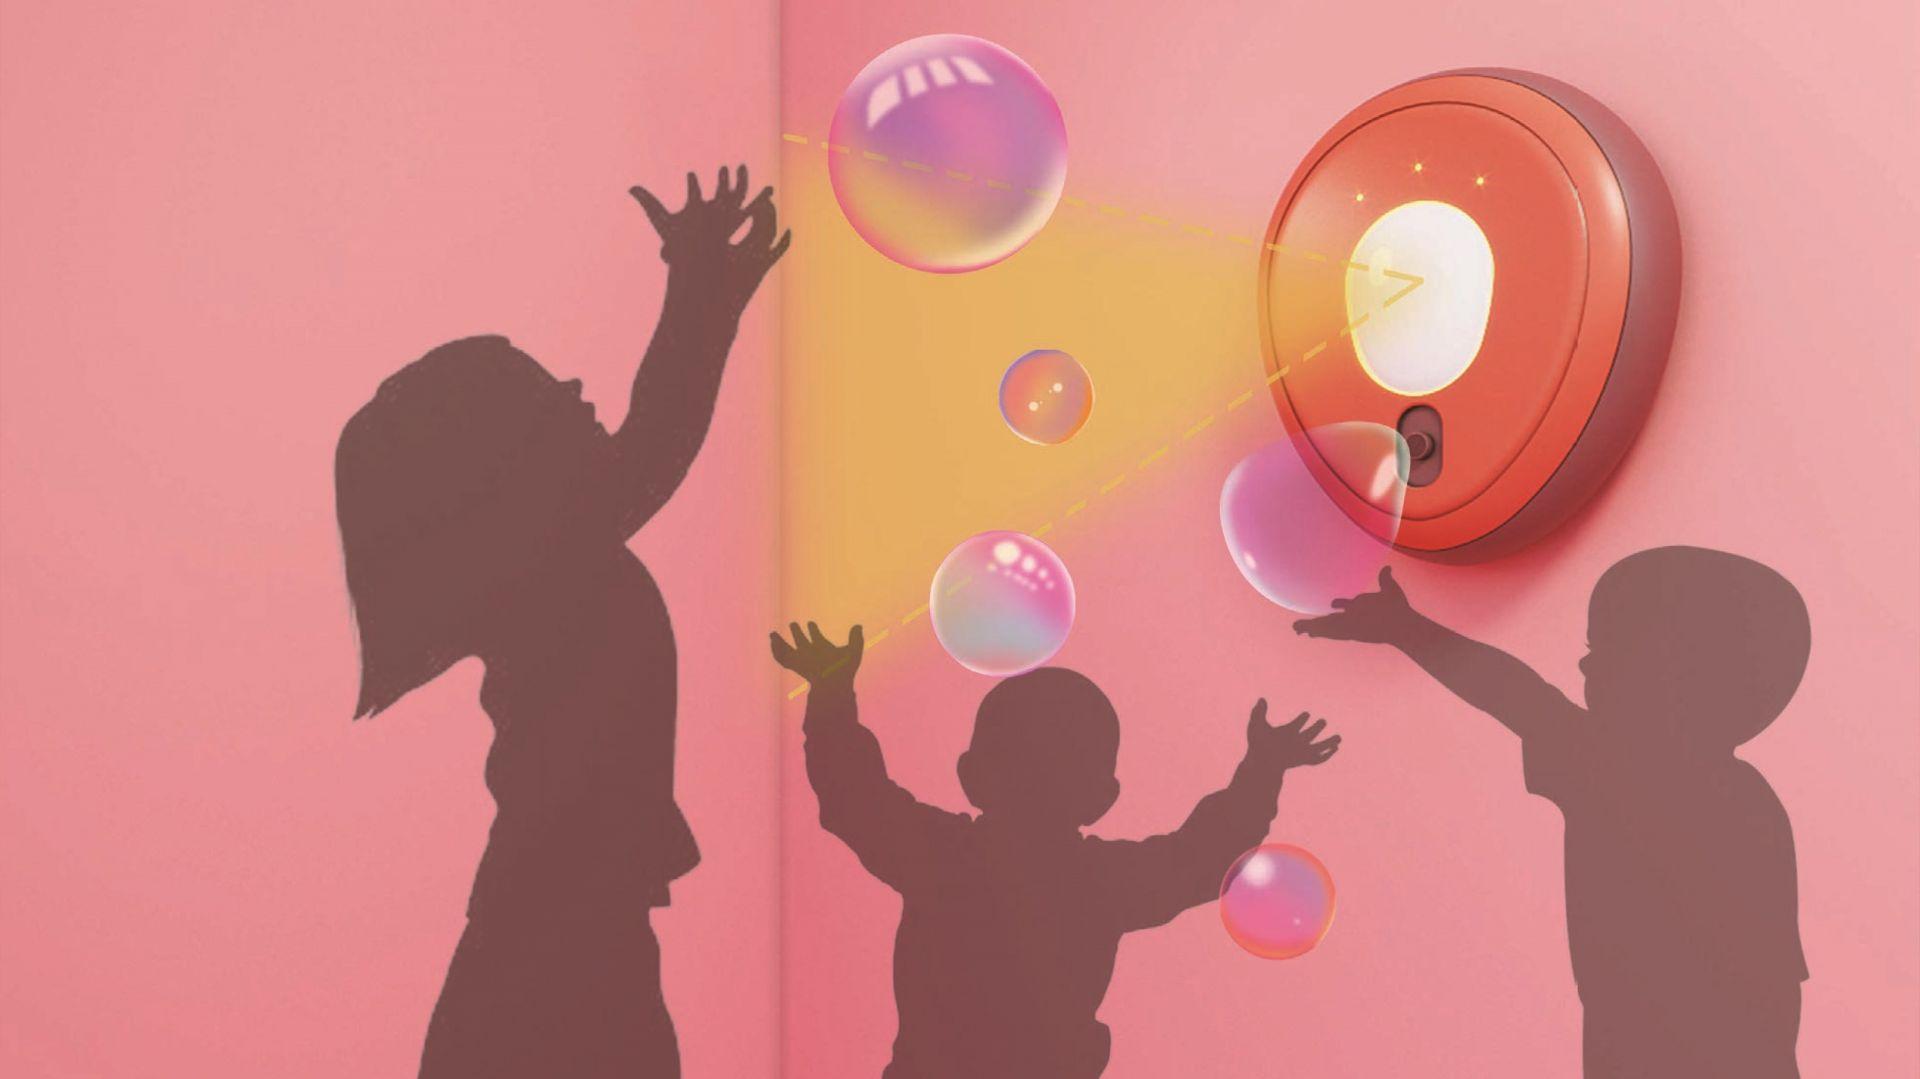 """""""Bubble Bump"""" (Alina Pshenichnikova, Rosja): To urządzenie, które automatycznie dozuje płyn dezynfekujący przypominające bańki mydlane, tak aby zachęcić dzieci do zwiększonej higieny i dezynfekcji na co dzień"""